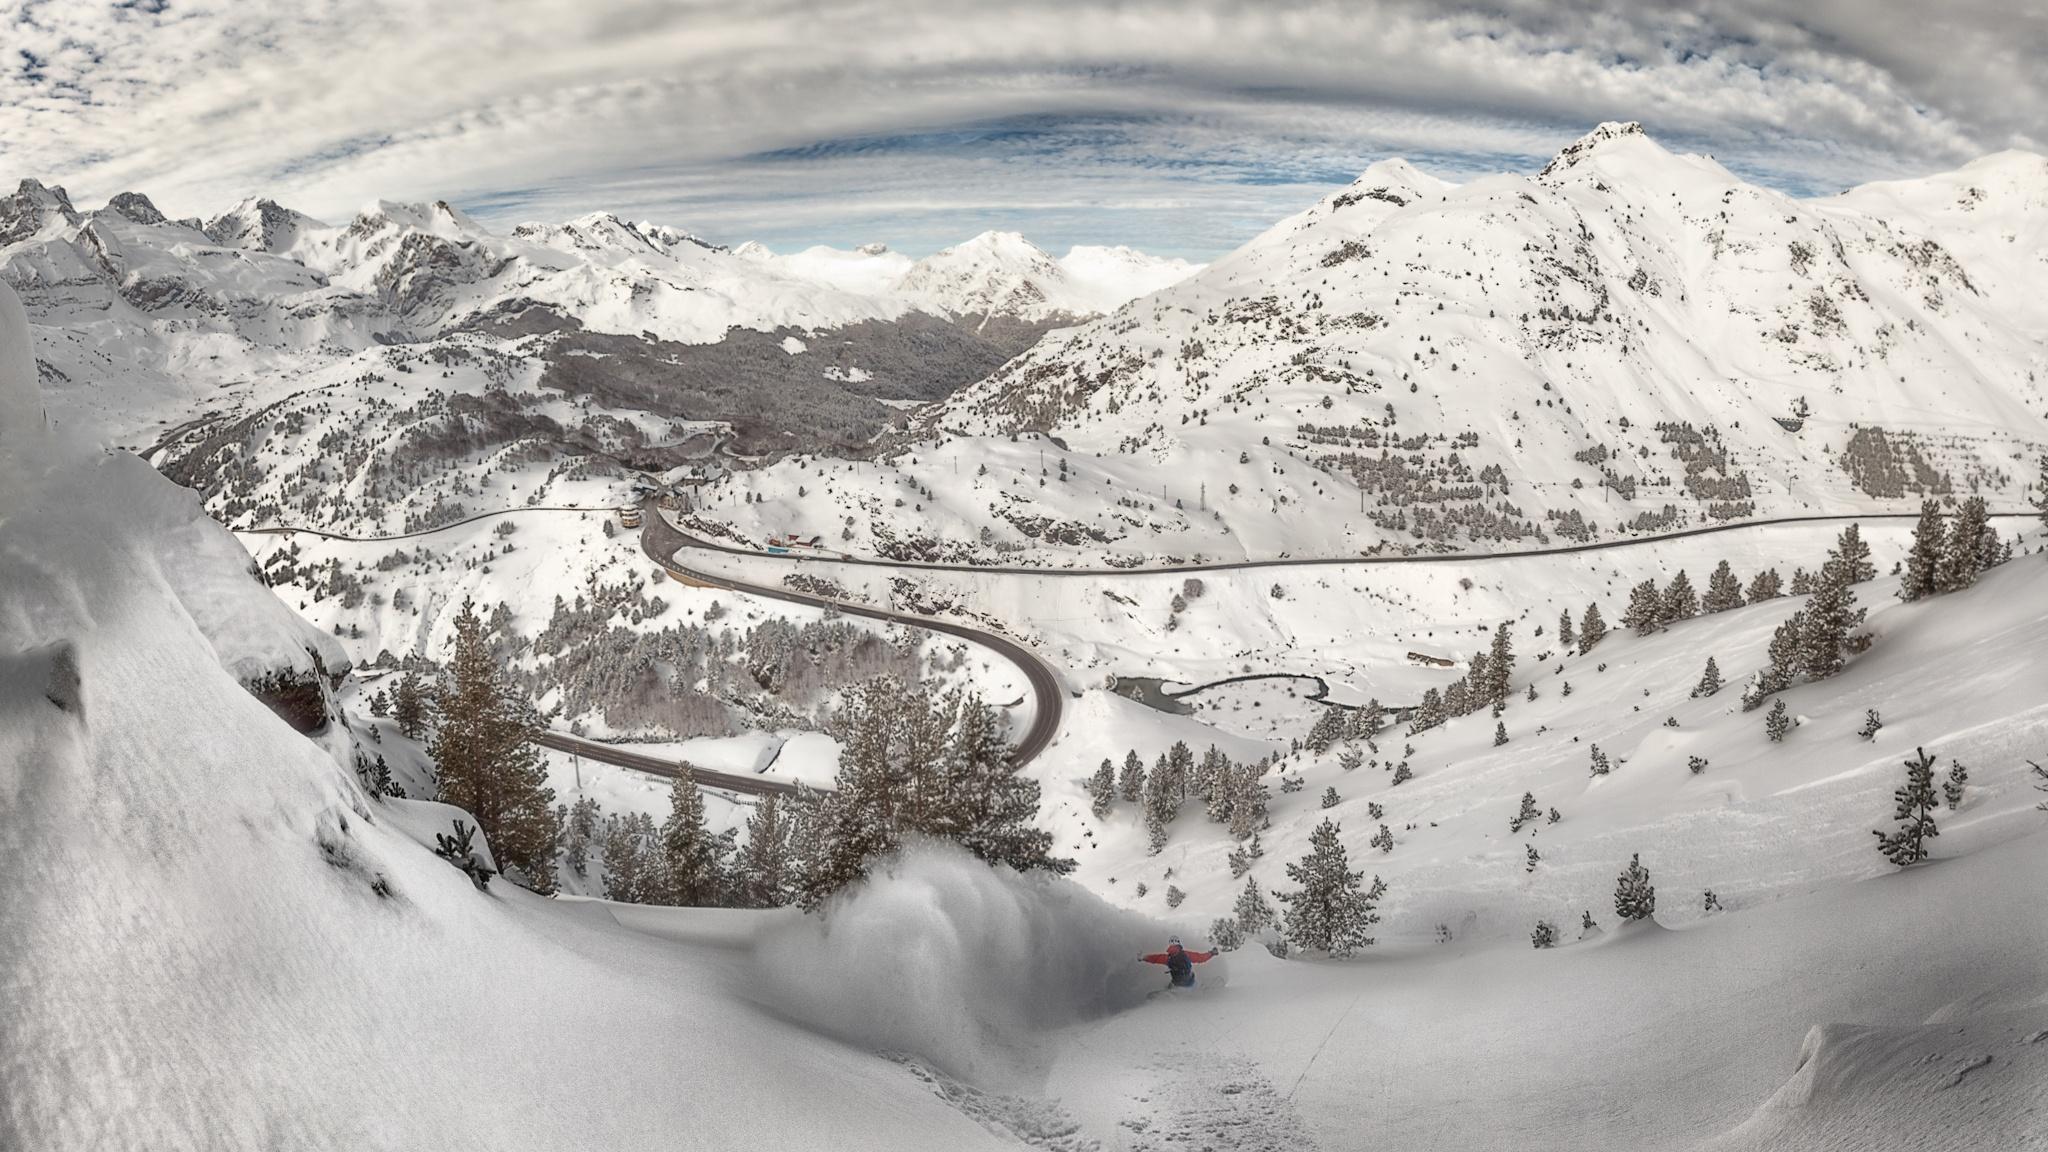 La Raca, Ekaitz Isasi - Ski & Snowboard - Fotos del Valle del Aragón, Mikel Besga